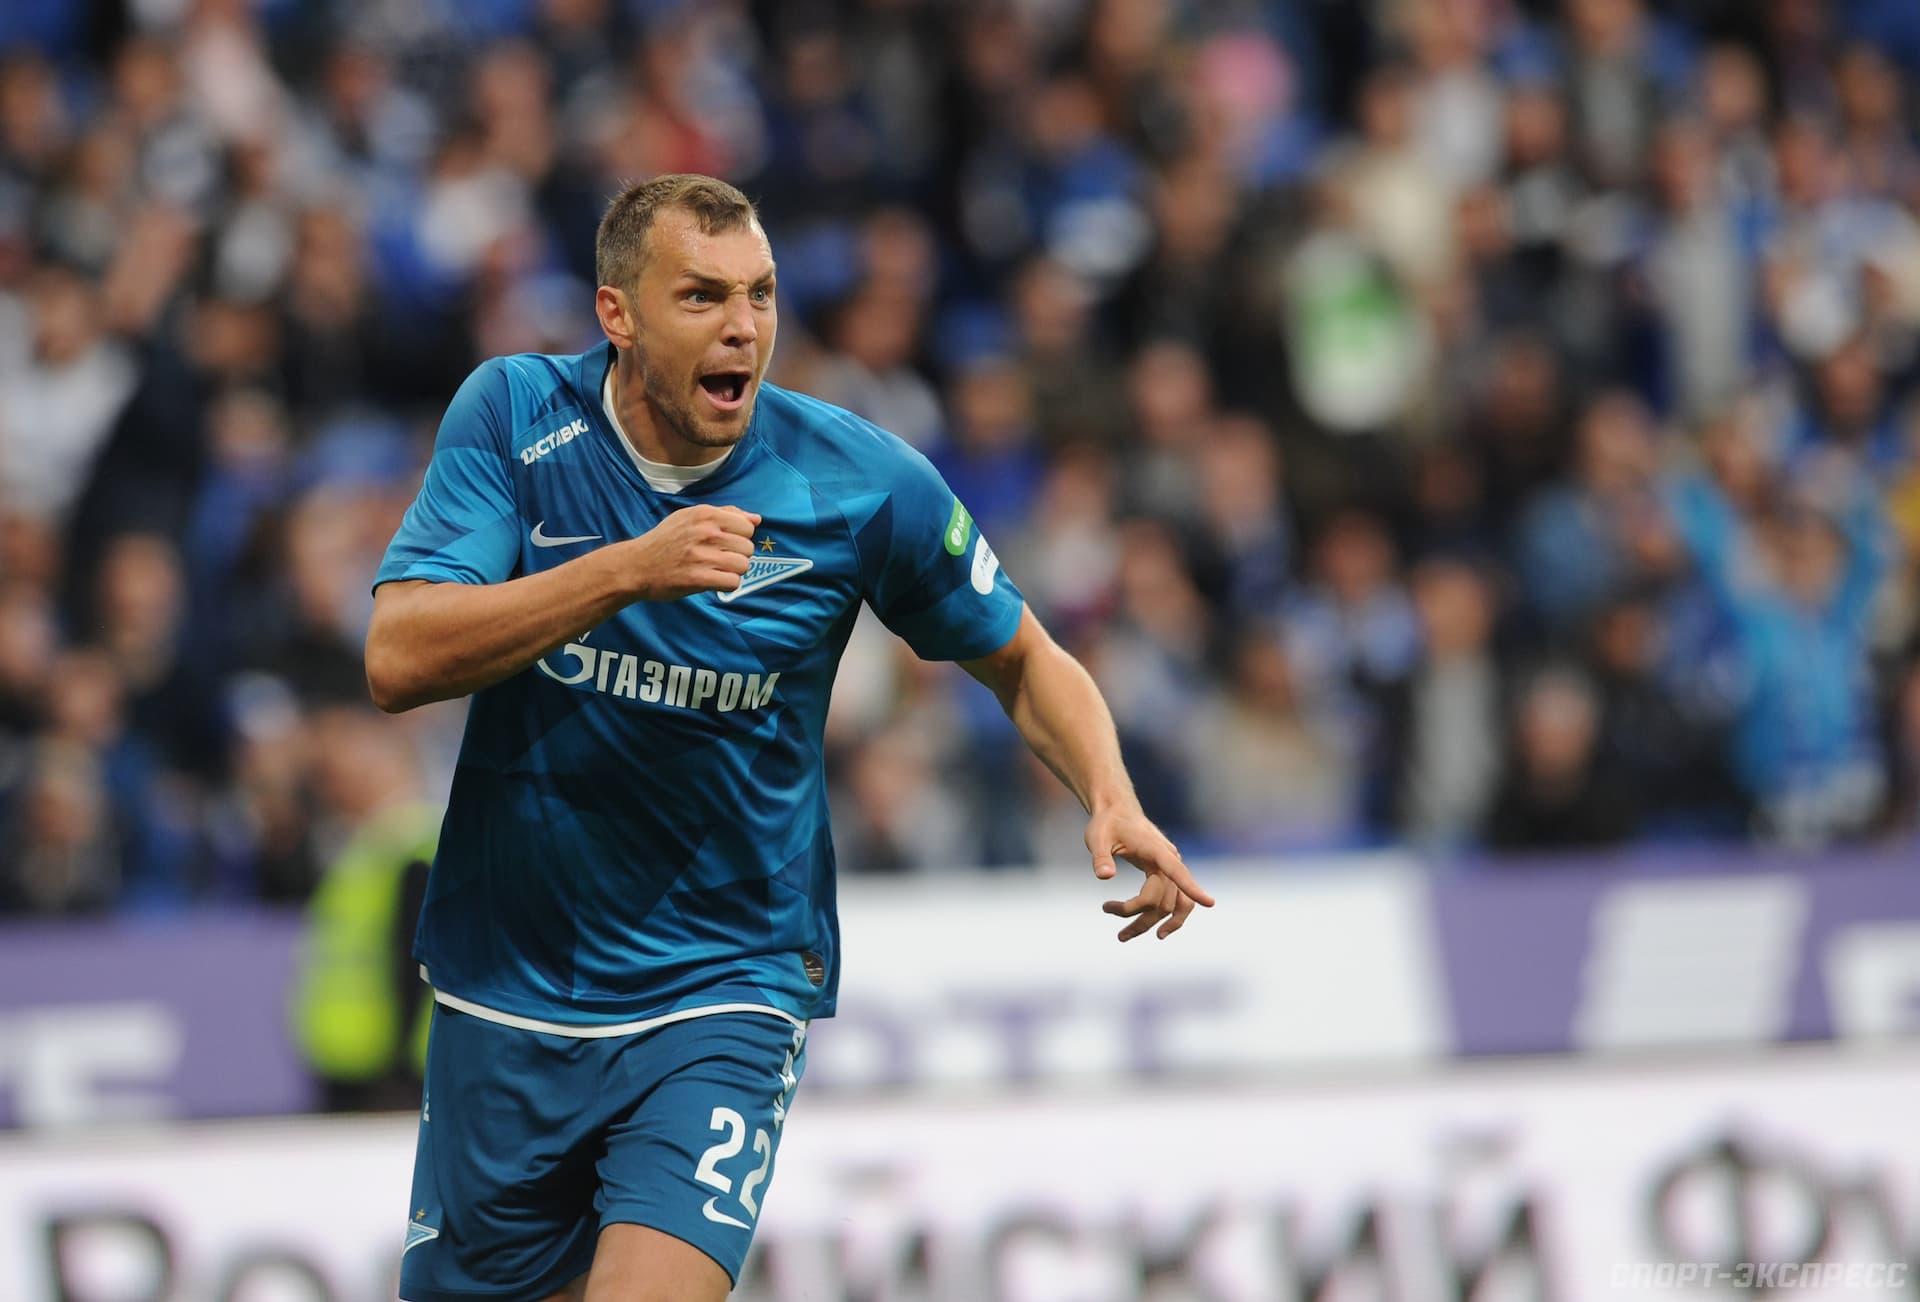 Тест: вспомните все клубы, которые представляли футболисты сборной России на Евро и ЧМ?